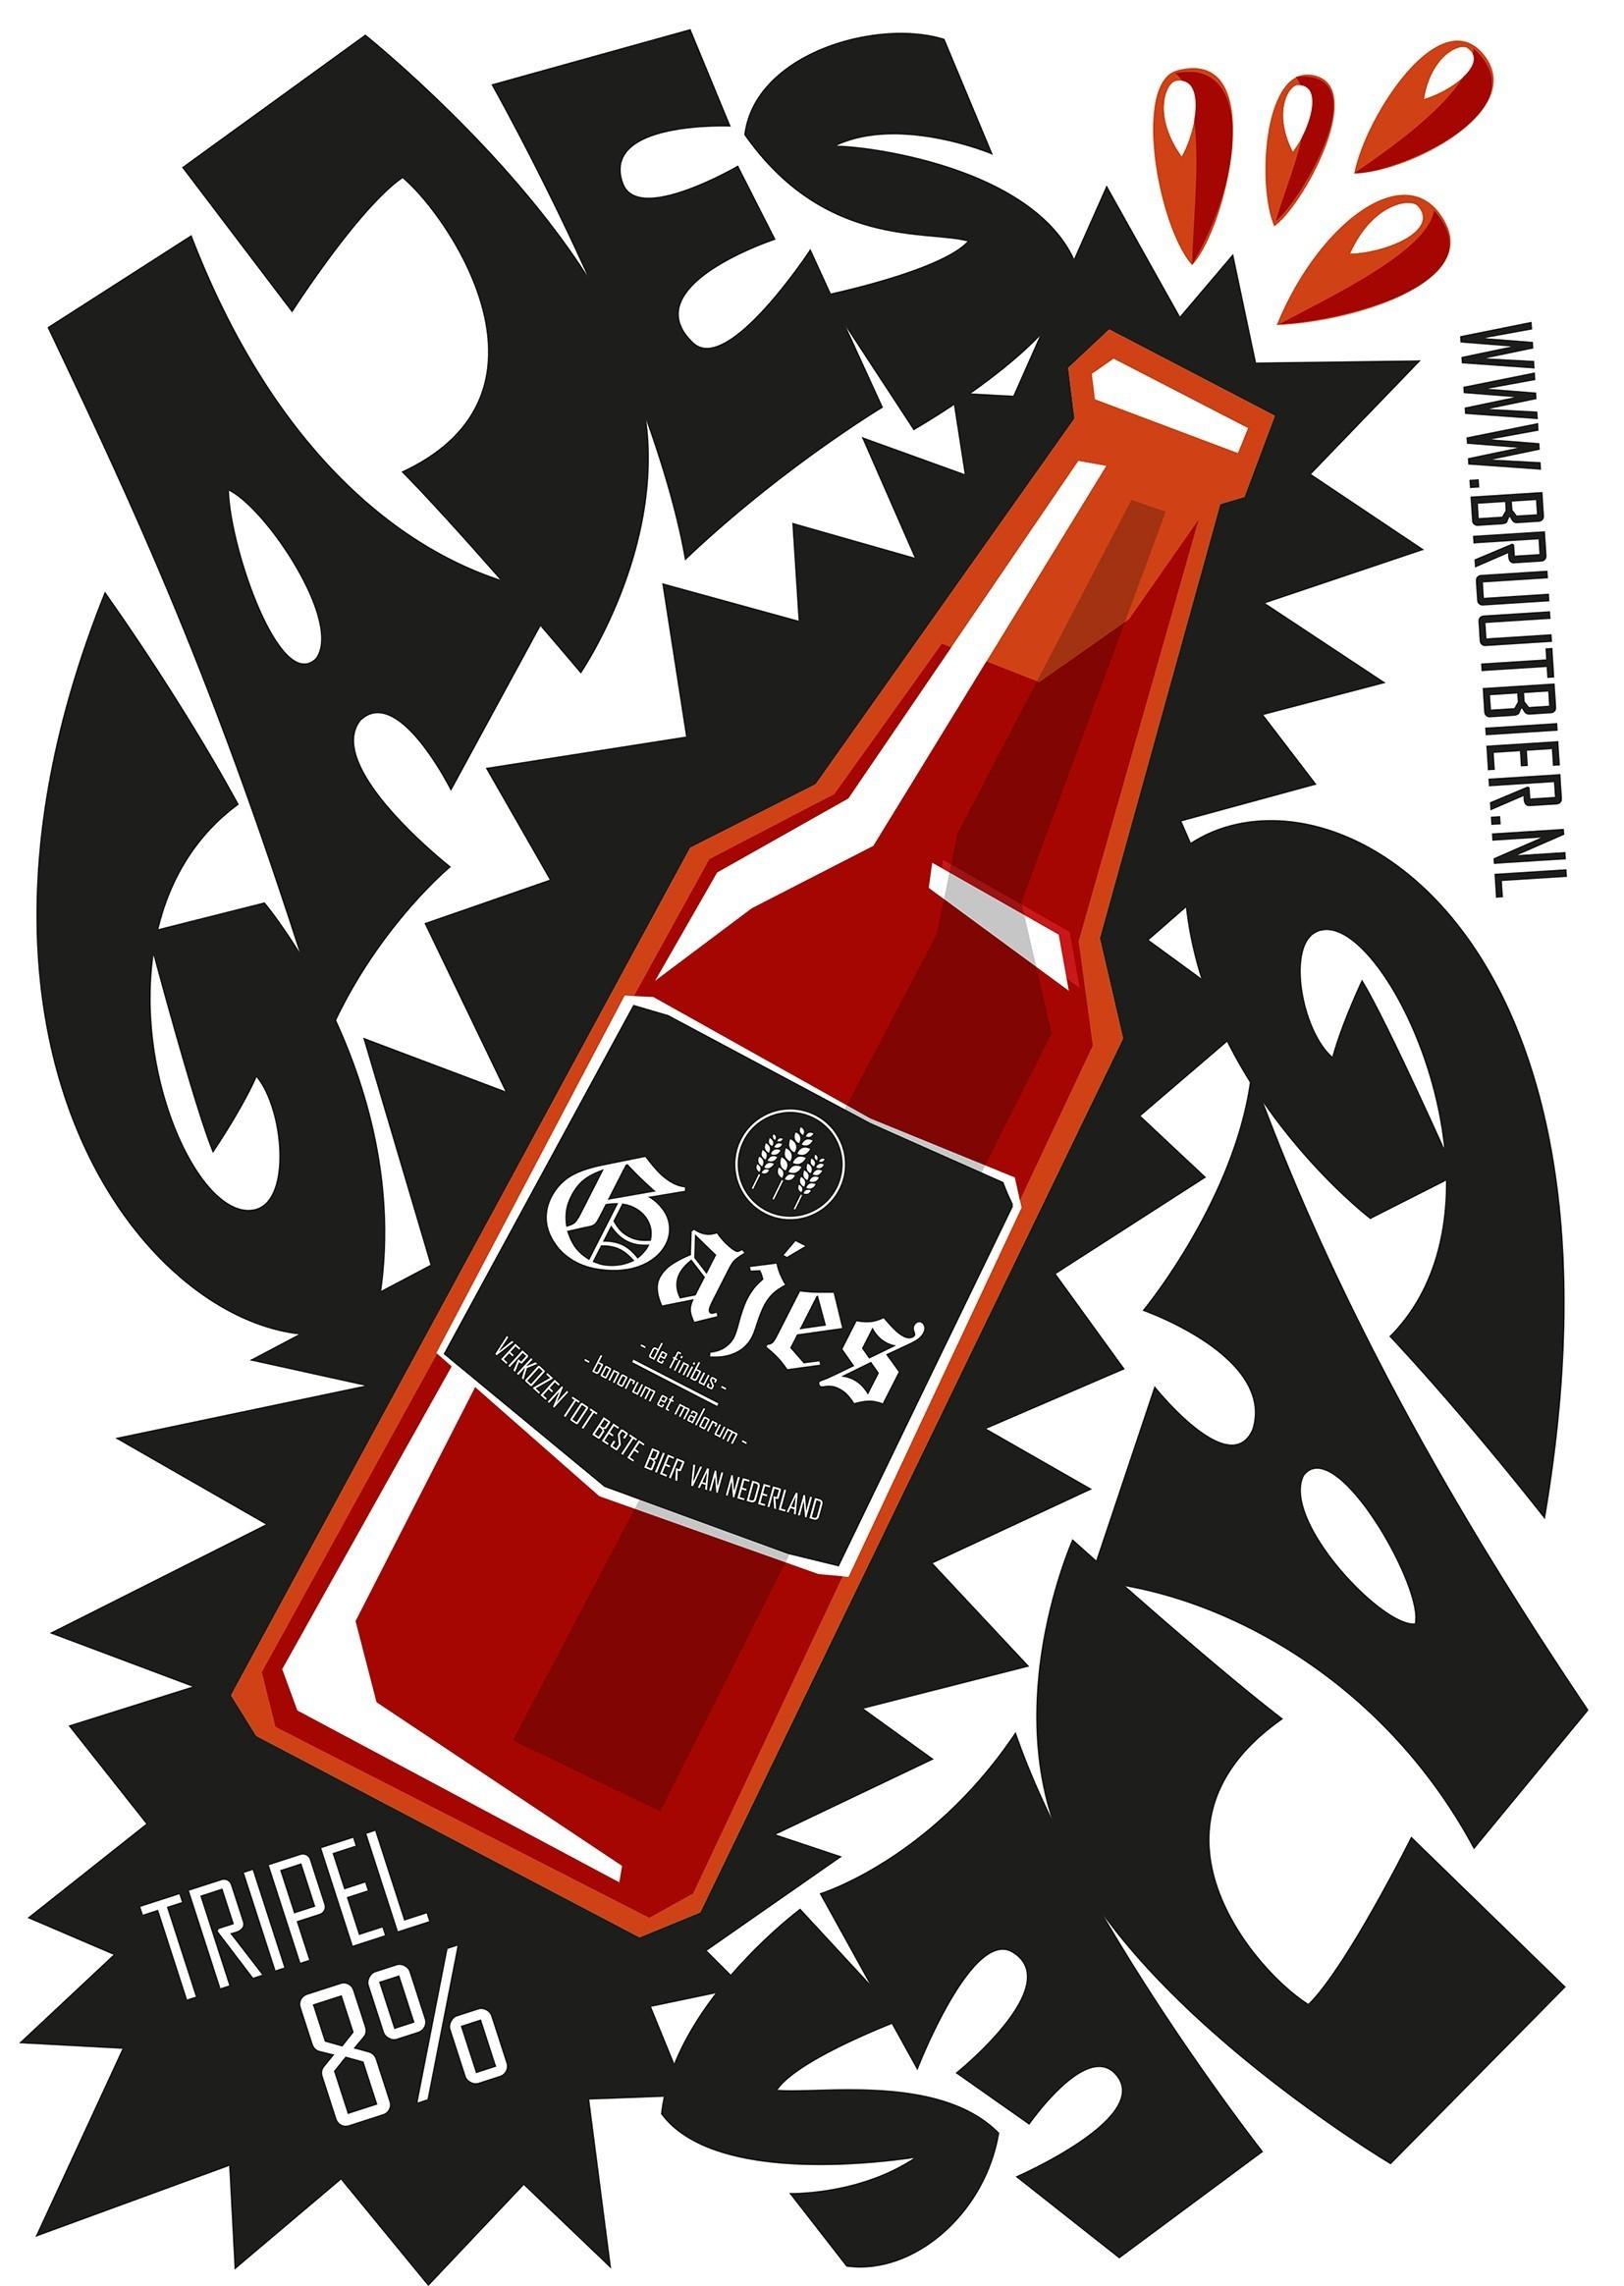 Gajes RISO-print poster